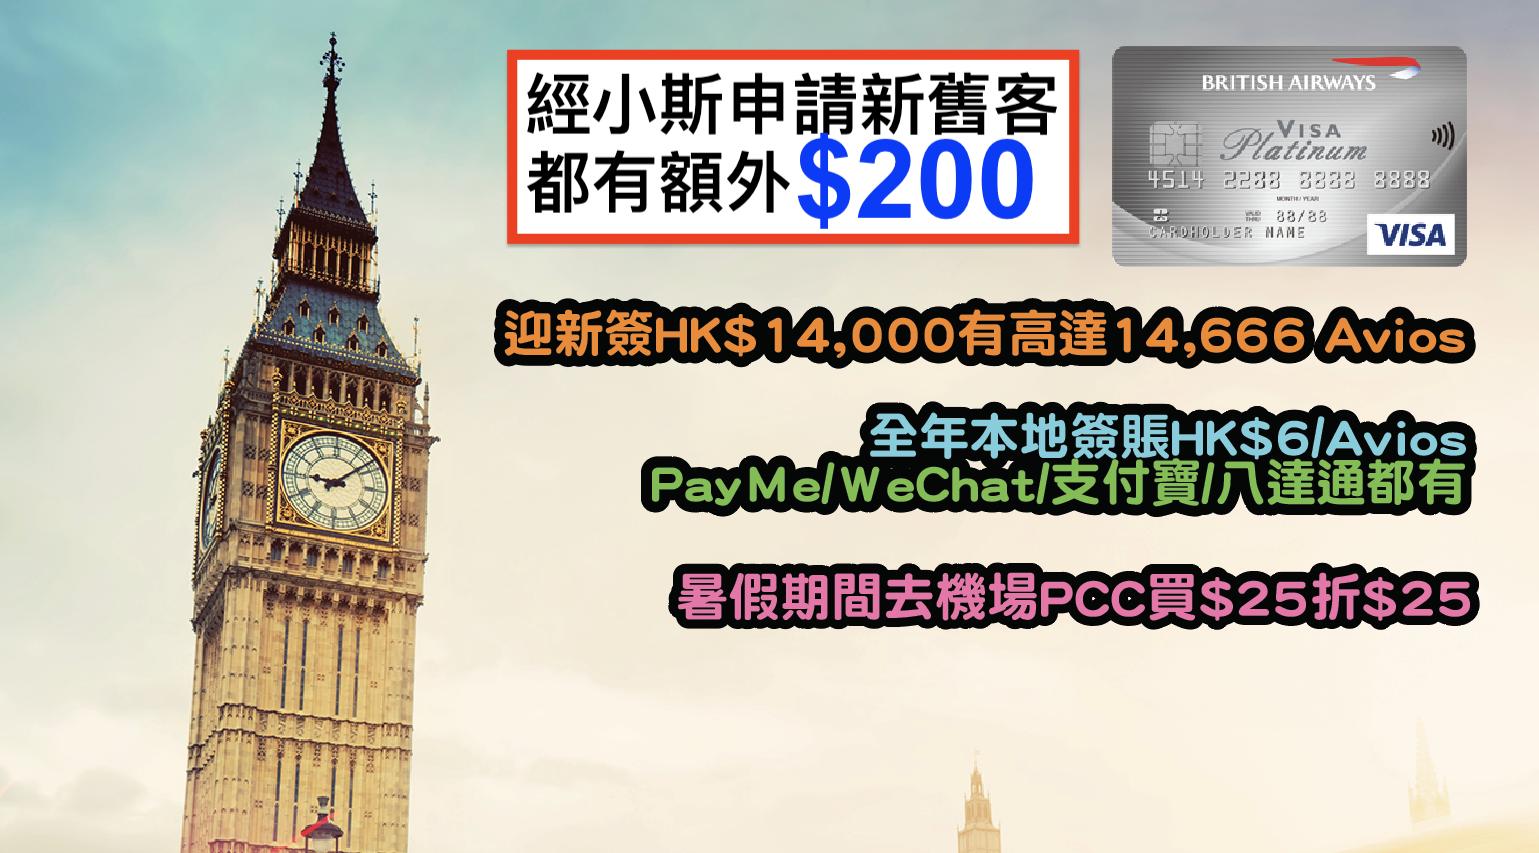 (經小斯申請新舊客都有額外$200) 大新英國航空白金卡迎新簽HK$14,000有高達14,666 Avios!全年本地簽賬HK$6/Avios!PayMe/WeChat/支付寶都有!海外HK$6/1.5Avios、生日HK$6/2Avios!開附屬卡簽HK$1,000仲有1,000 Avios!暑假期間去機場PCC買$25折$25!